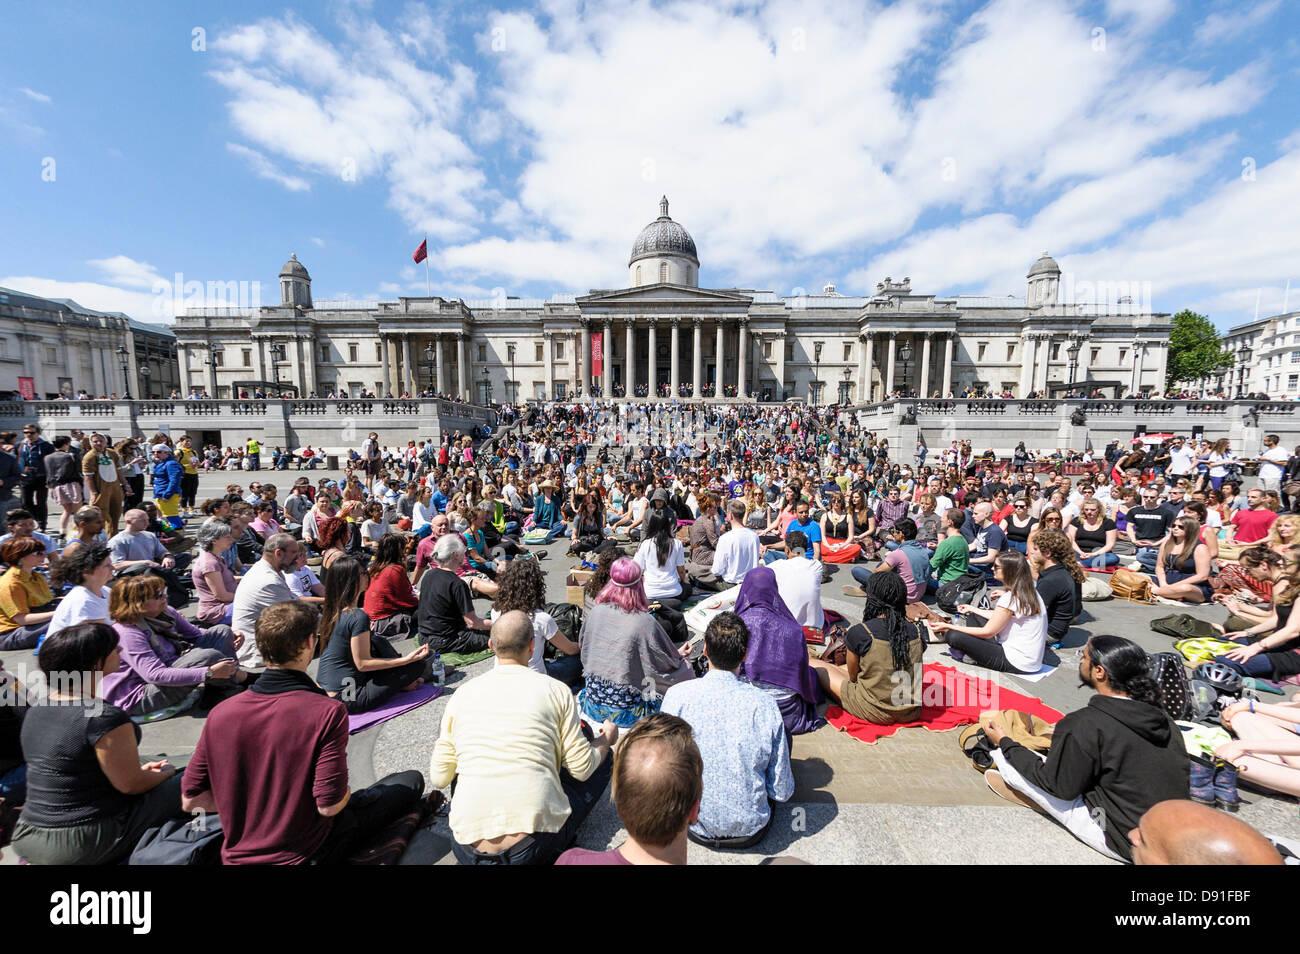 La Credenza Uk : Londra uk 08 06 2013 : la meditazione di flash mob in trafalgar